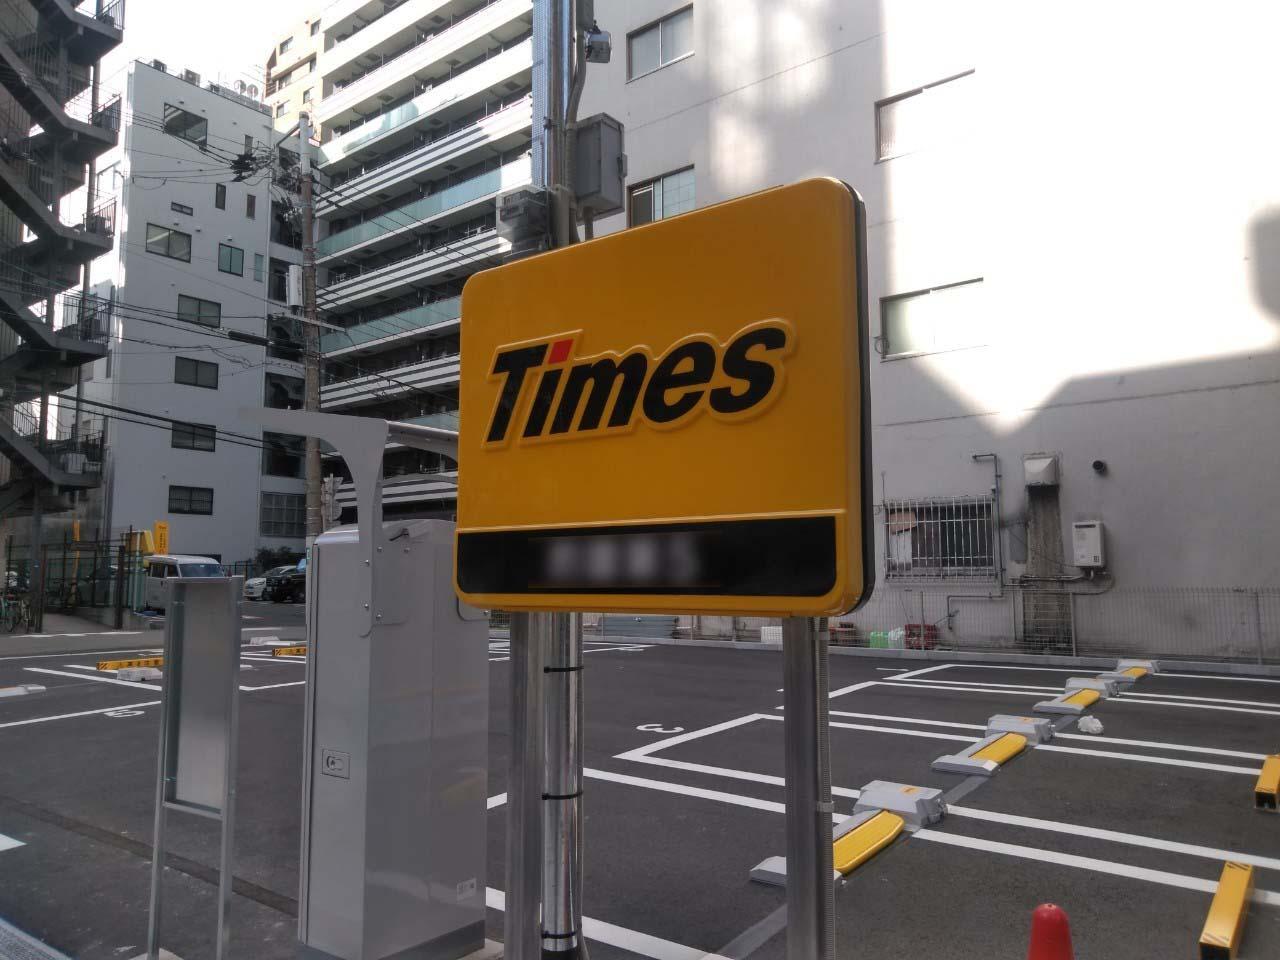 制作実績:タイムズ24株式会社